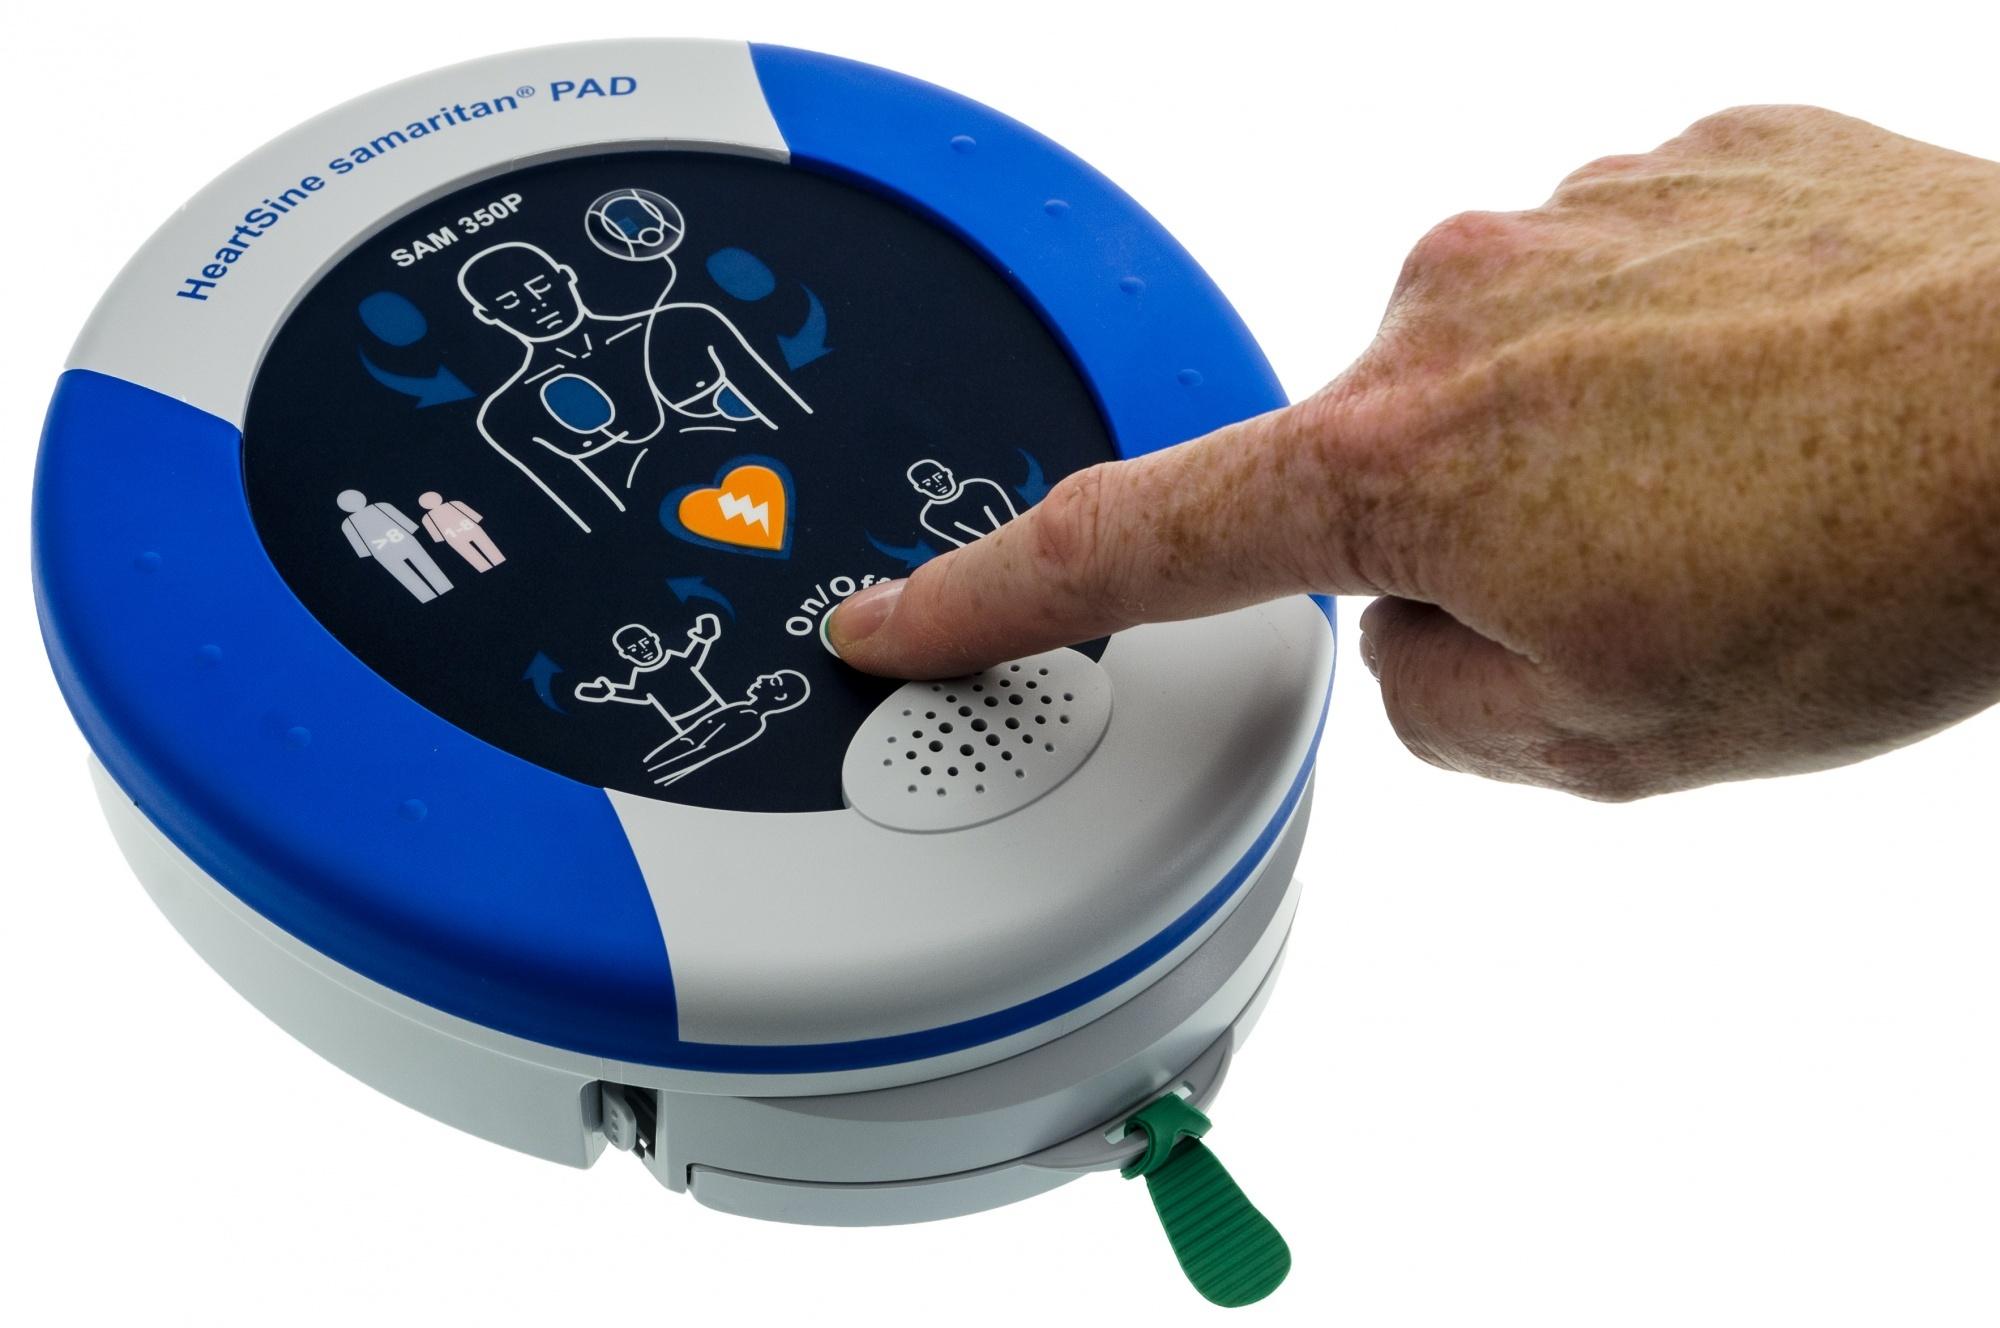 Il defibrillatore per esterni: HeartSine samaritan PAD 350P come funziona e dove acquistarlo? | Emergency Live 7